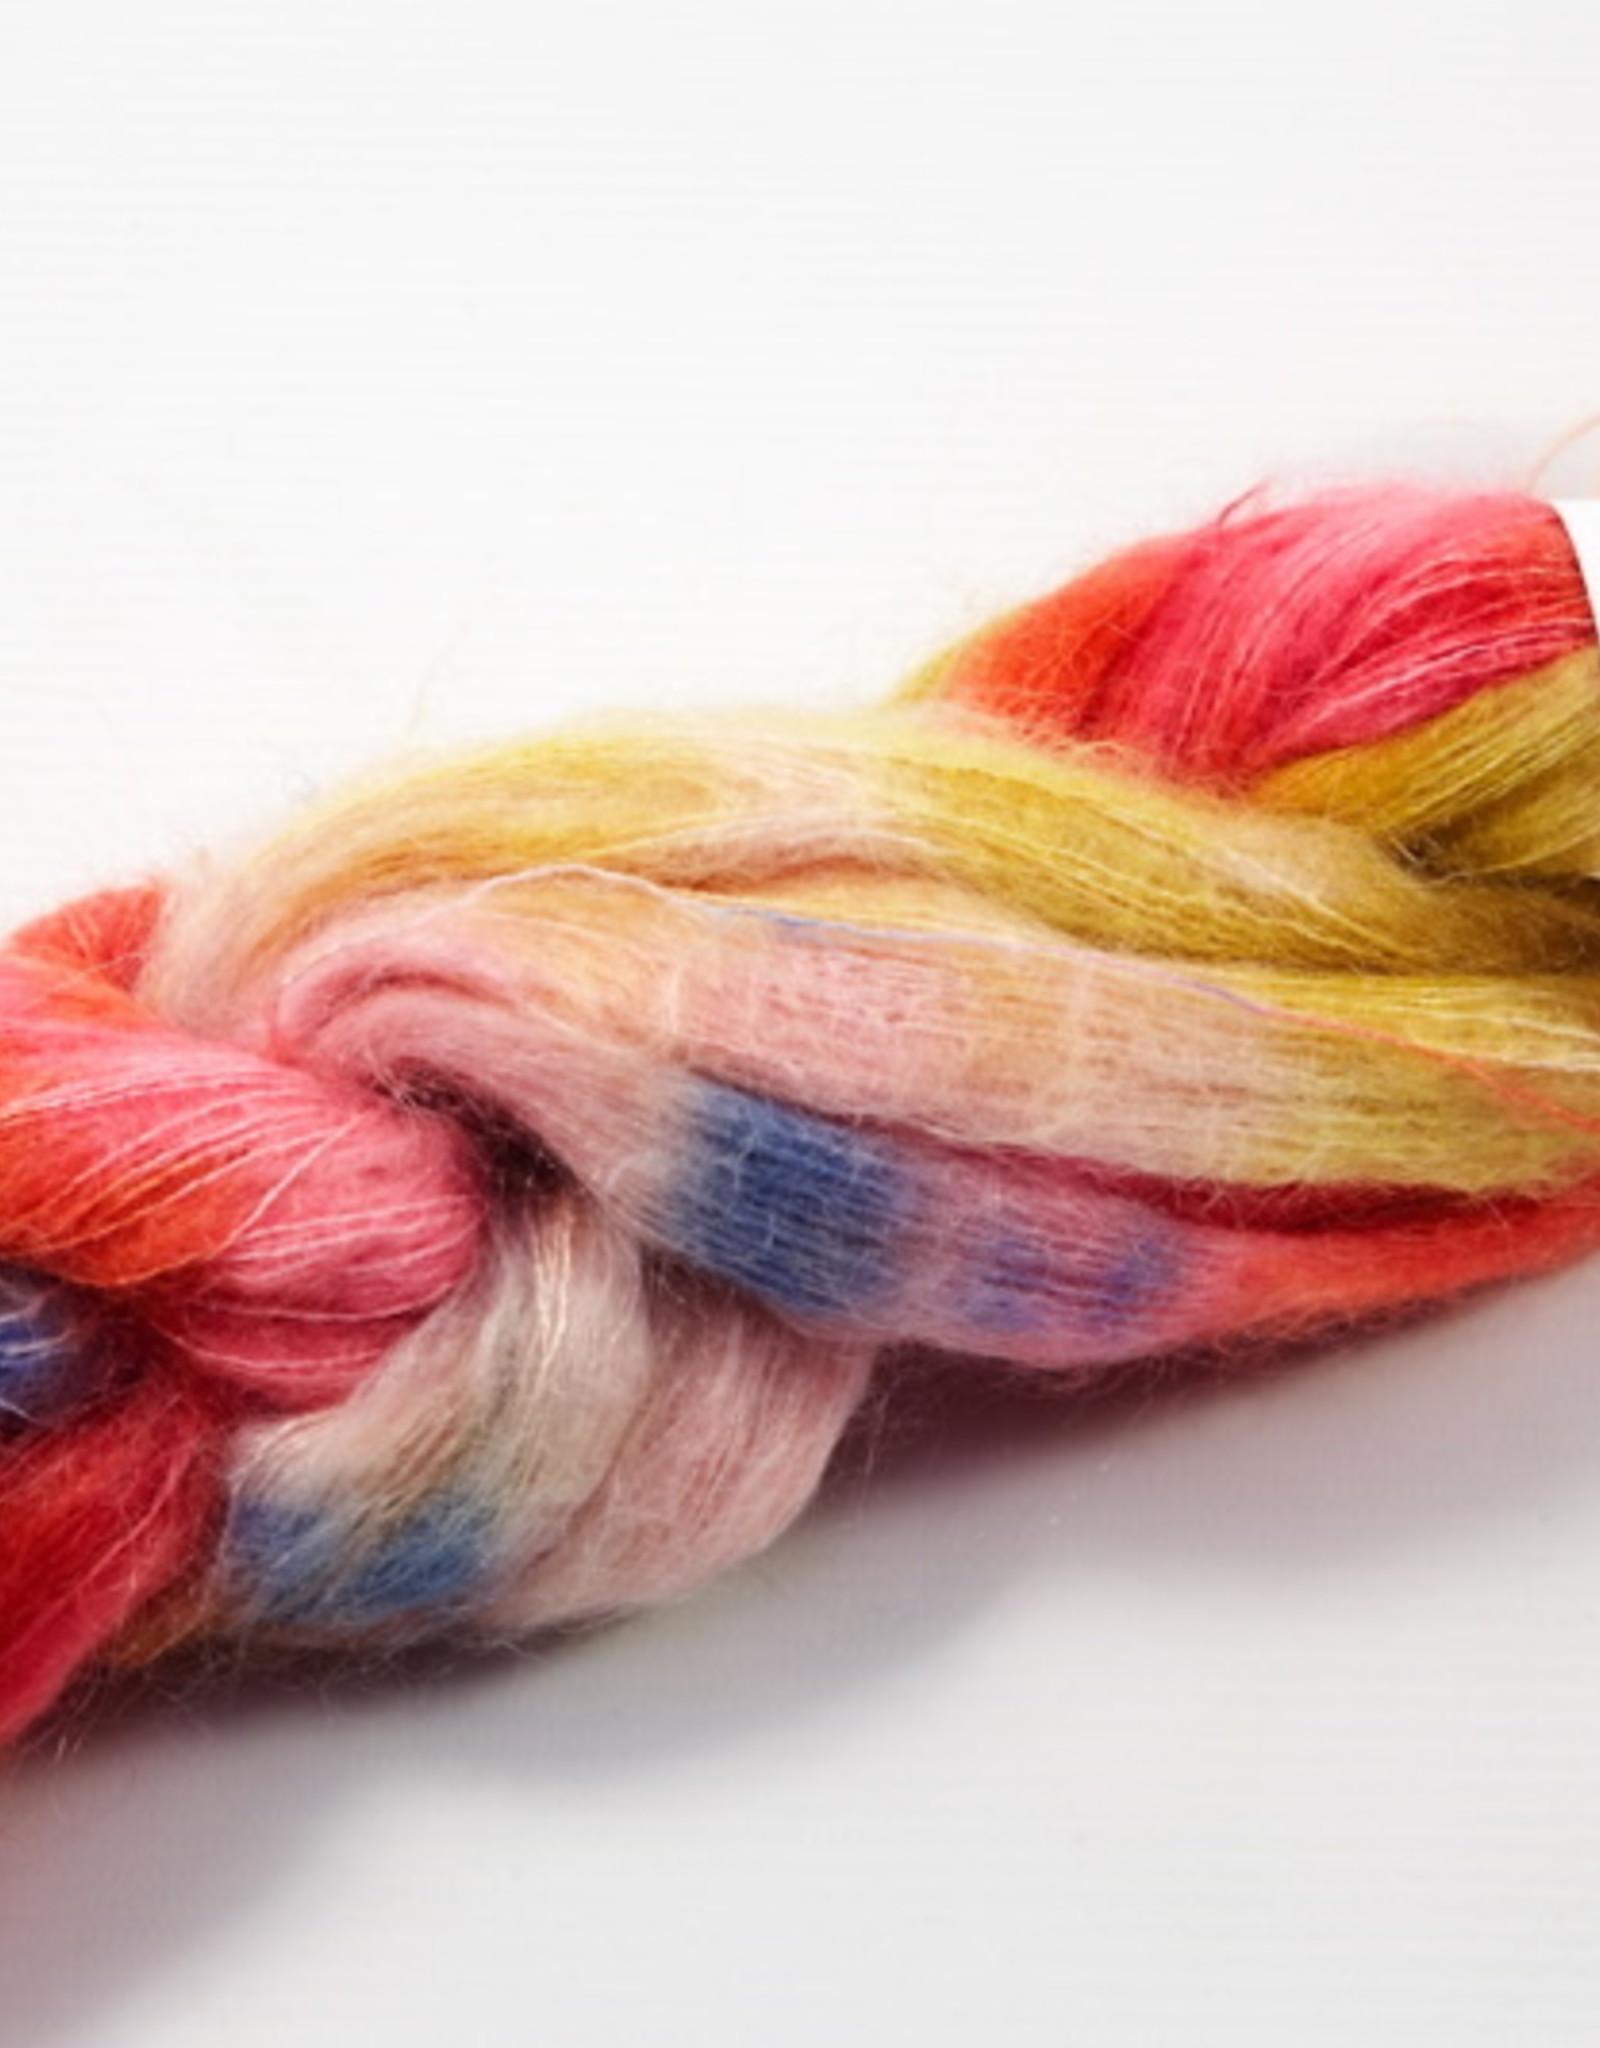 Lana Grossa Silkhair Hand-Dyed - 603